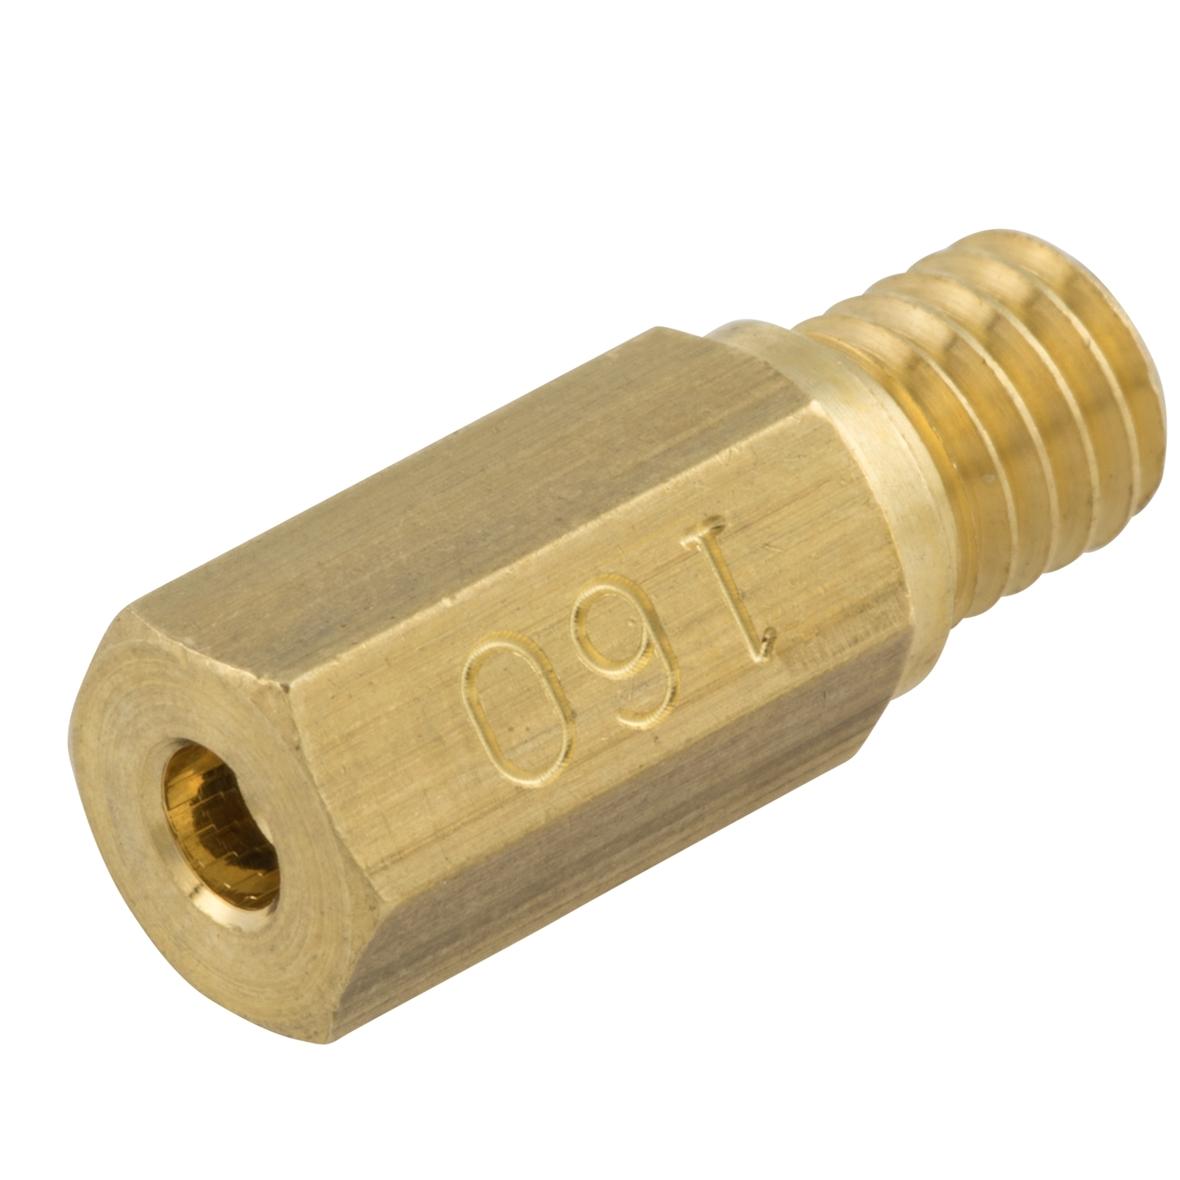 「ノズル KMT 152 Ø 6 mmTitle」の製品画像